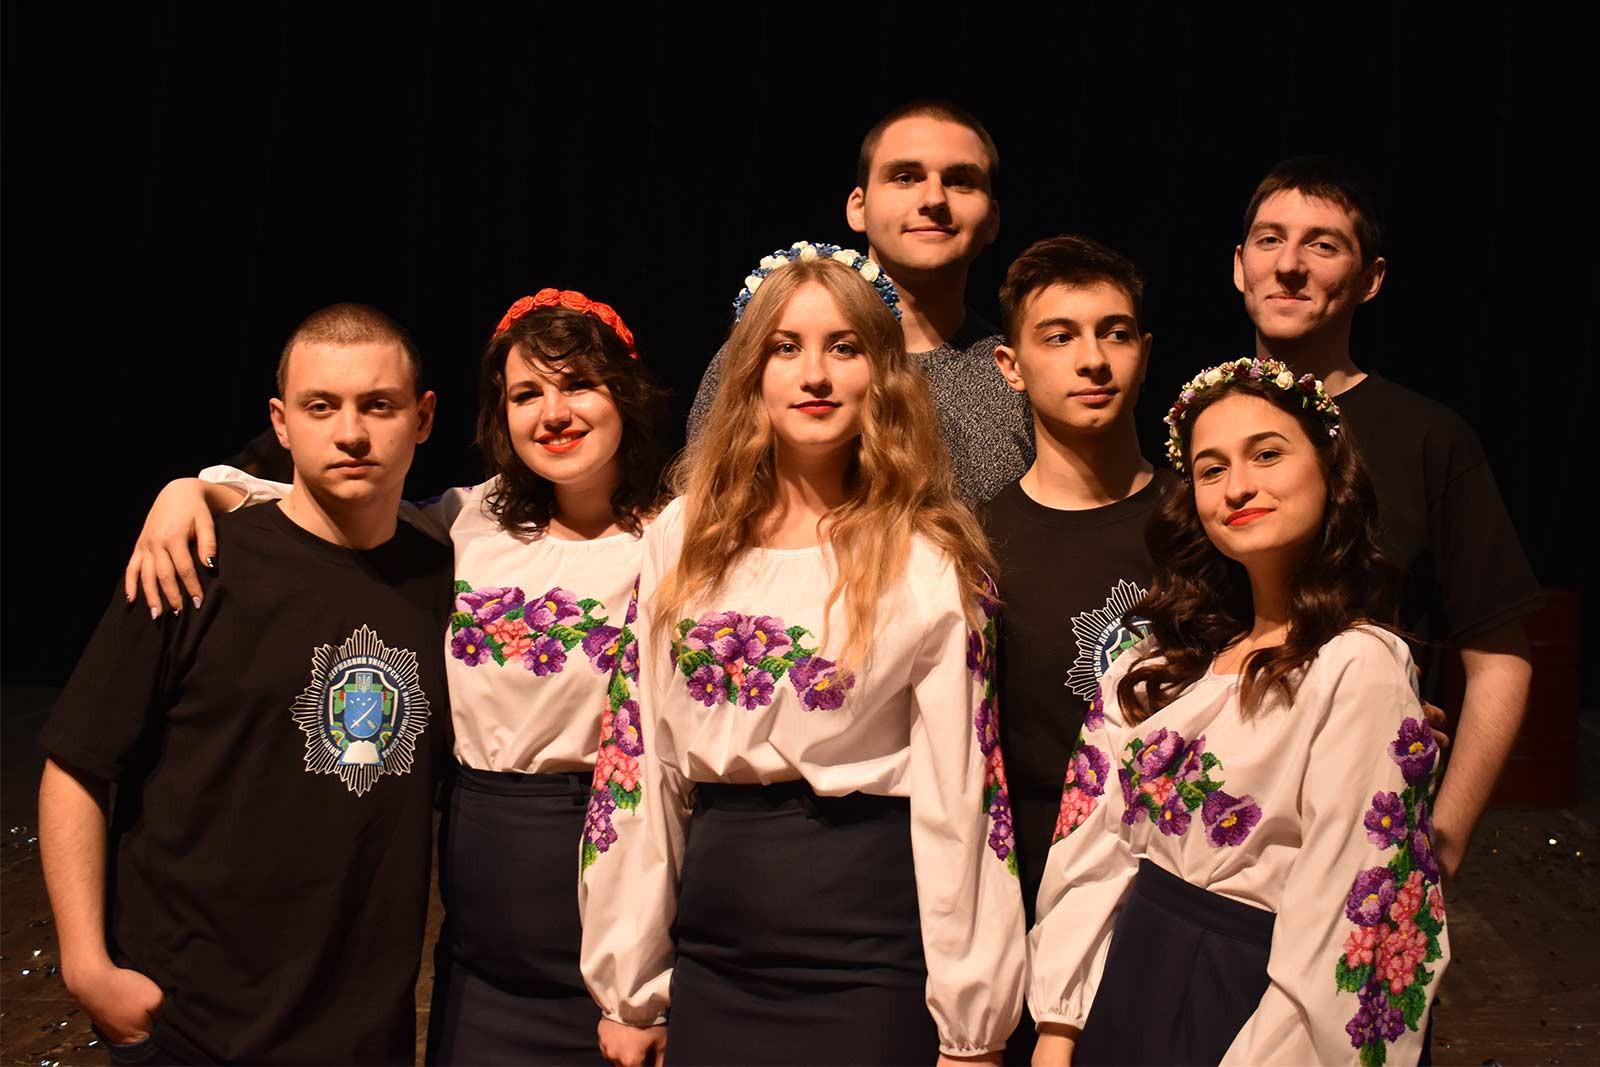 Студентська весна – свято молодості, краси та талантів